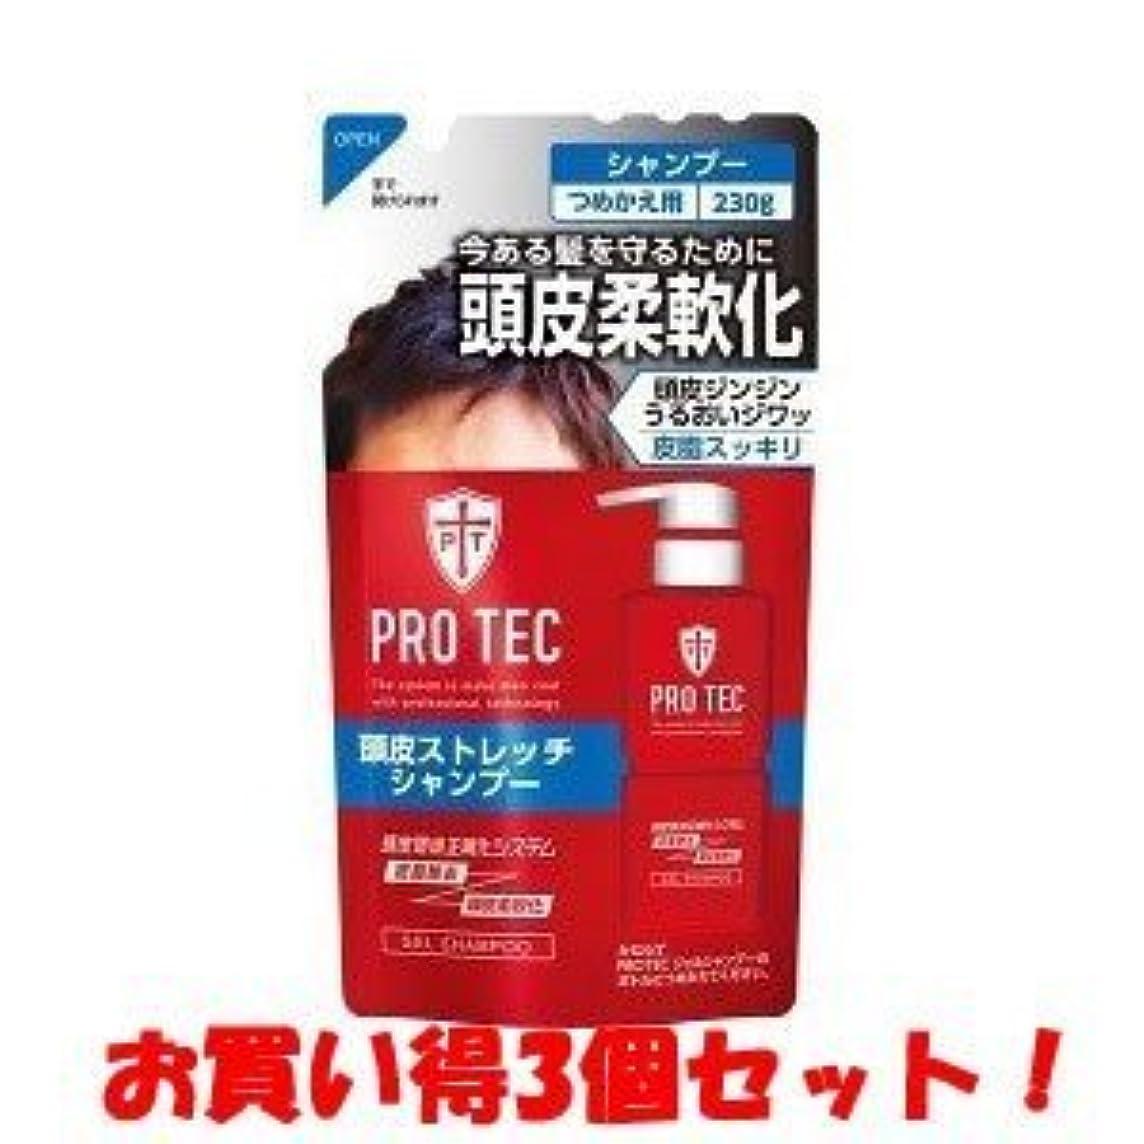 こだわり公平にやにや(ライオン)PRO TEC(プロテク) 頭皮ストレッチ シャンプー つめかえ用 230g(医薬部外品)(お買い得3個セット)